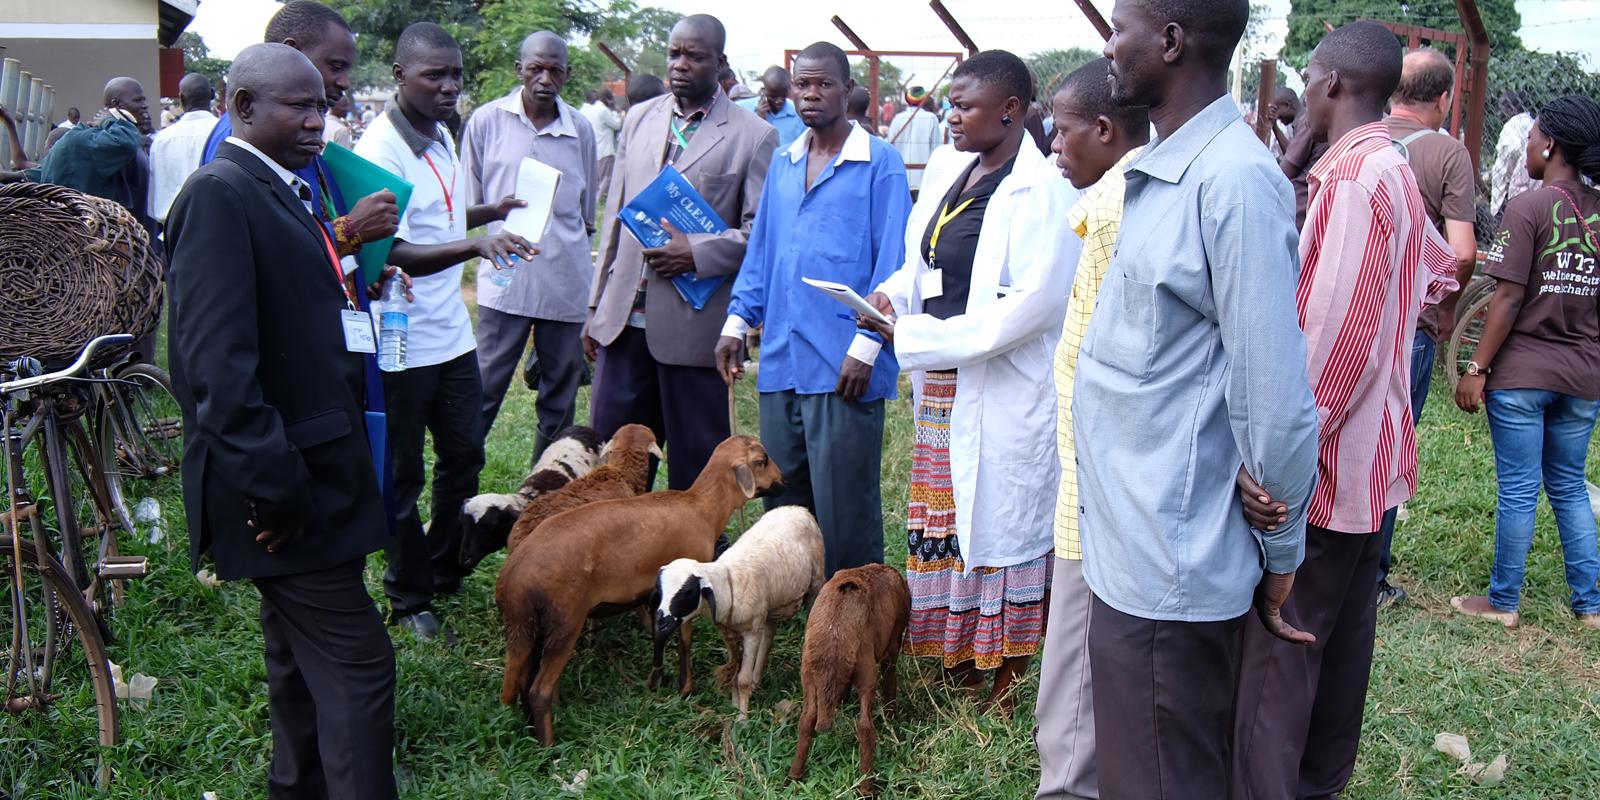 Paravets erhalten Weiterbildung im Bereich Tierschutz